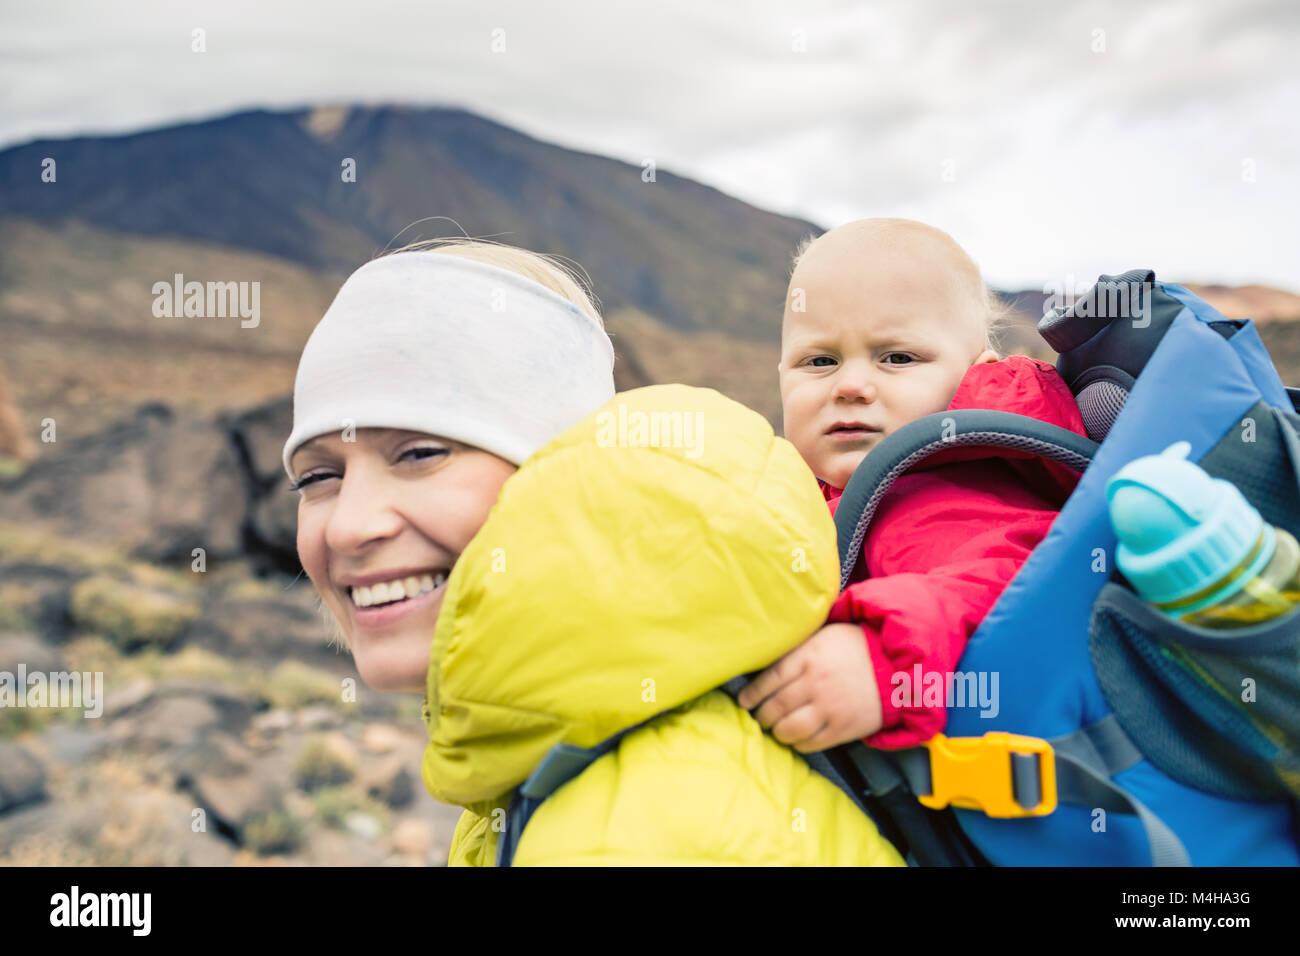 Felice madre con bambino viaggia nello zaino. Avventura Trekking con bambino in autunno viaggio con la famiglia Immagini Stock